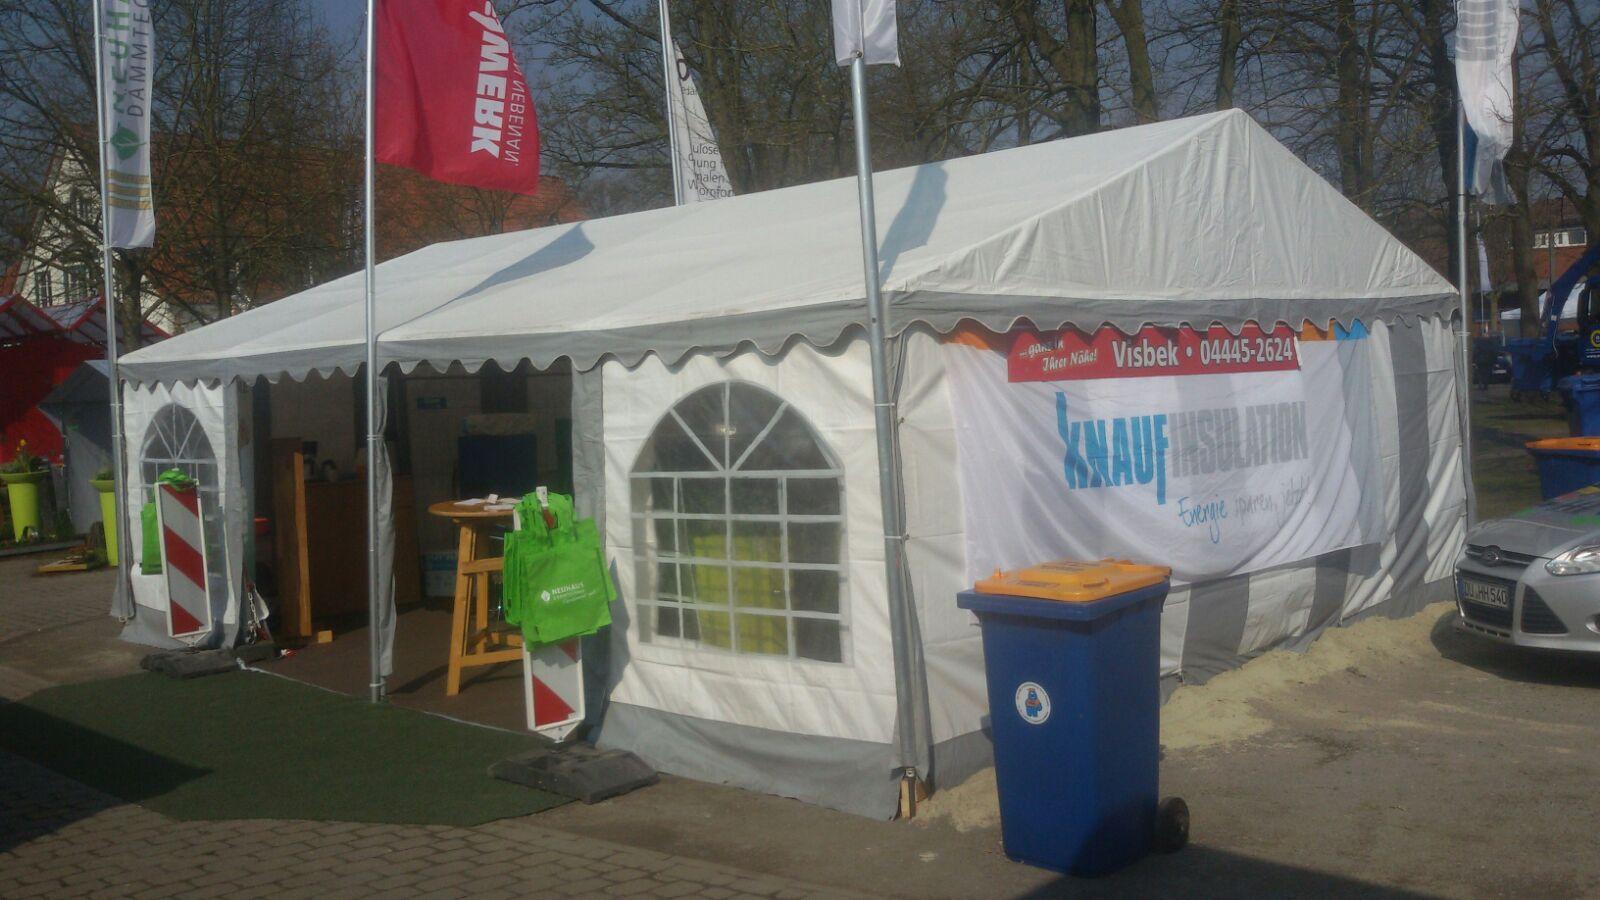 Dämmtechnik Neuhaus auf der Gewerbeschau Lohne 2016